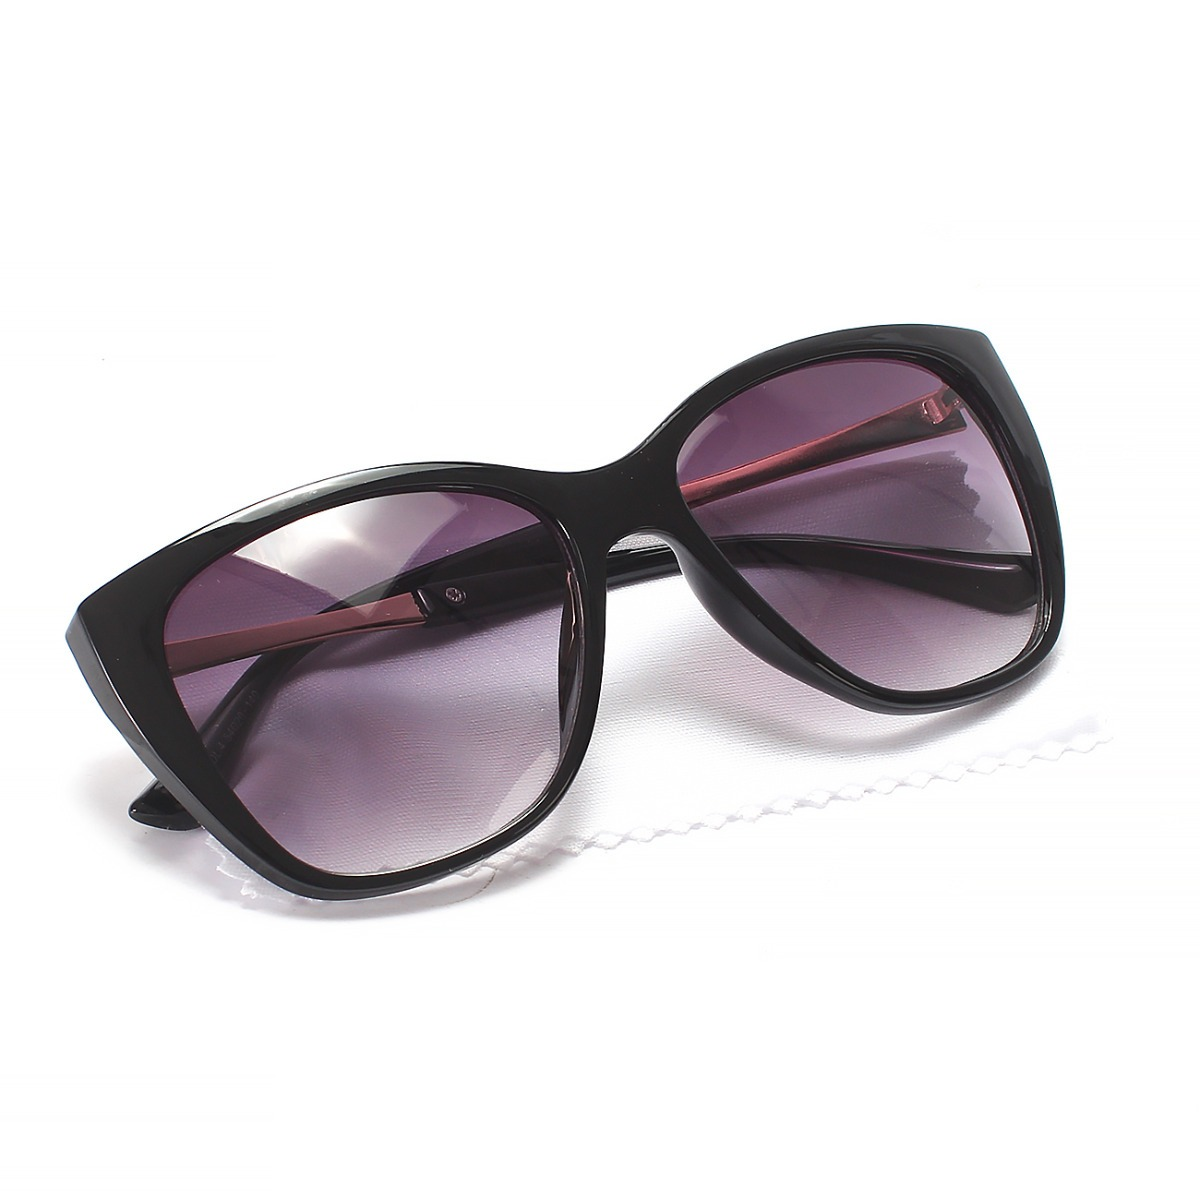 oculos sol feminino gatinho lente proteção uv estojo grátis. Carregando  zoom. 293cf1127a